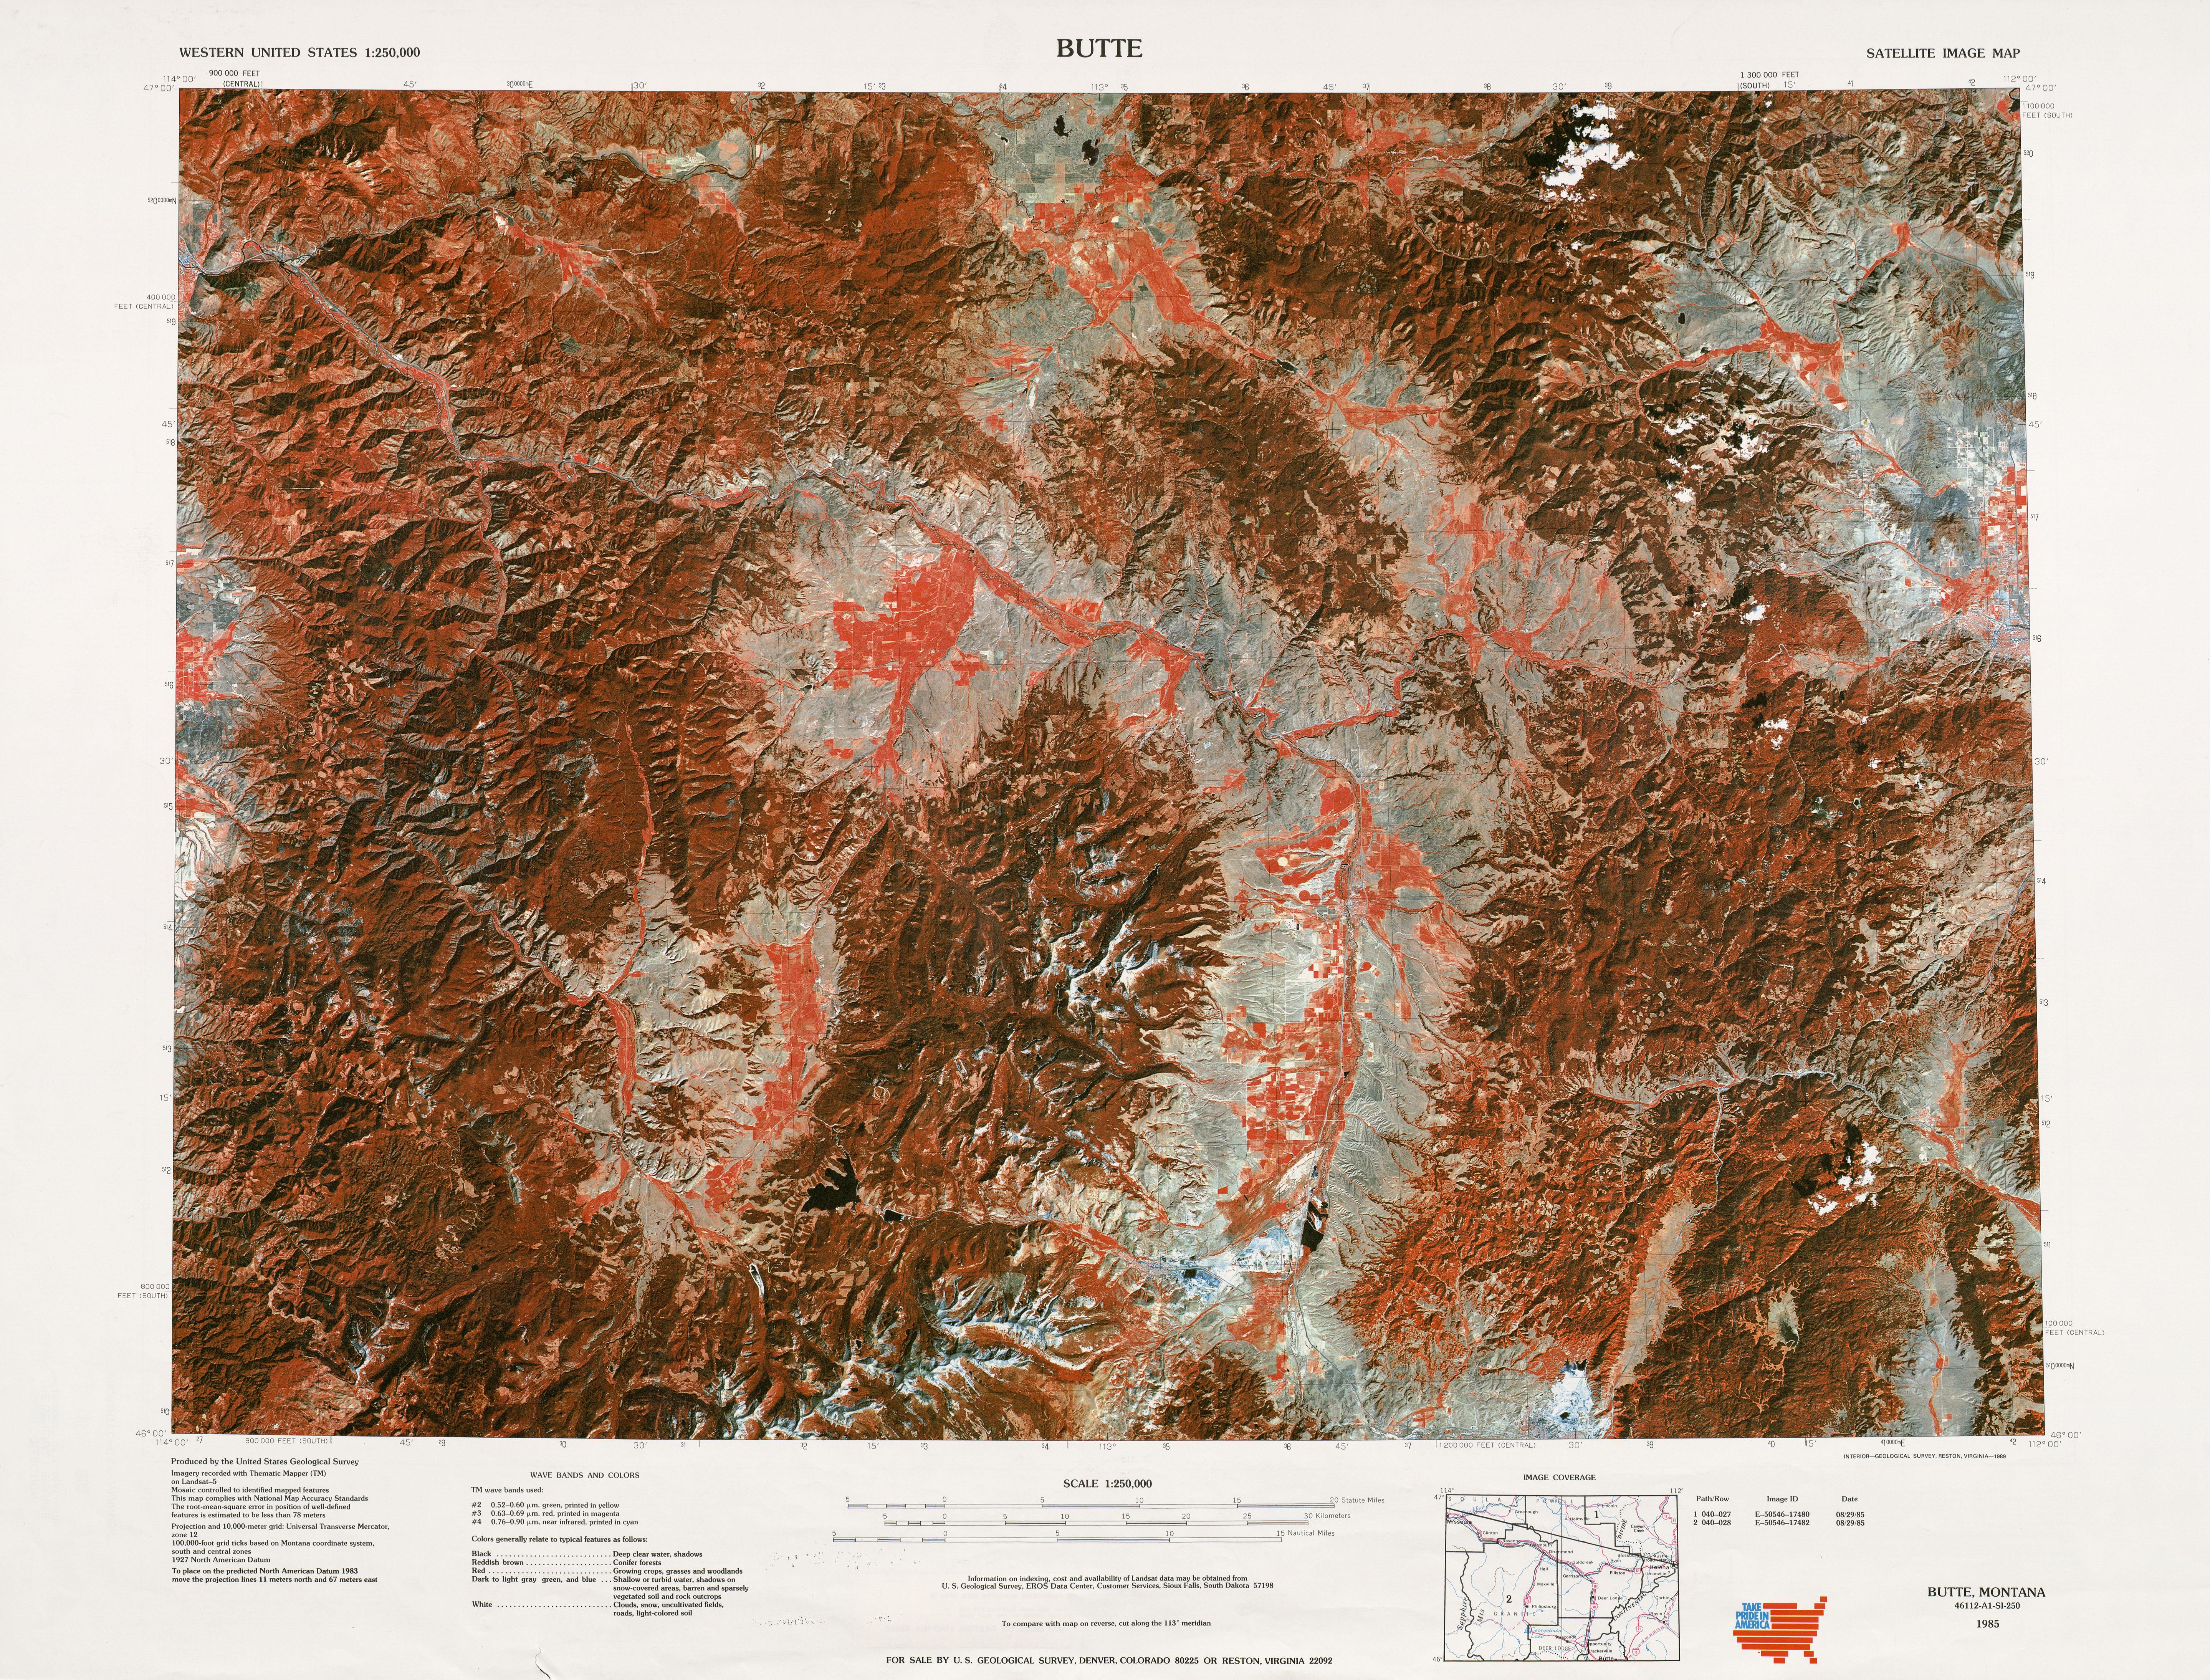 Hoja Butte de la Imagen Satelital de los Estados Unidos 1977